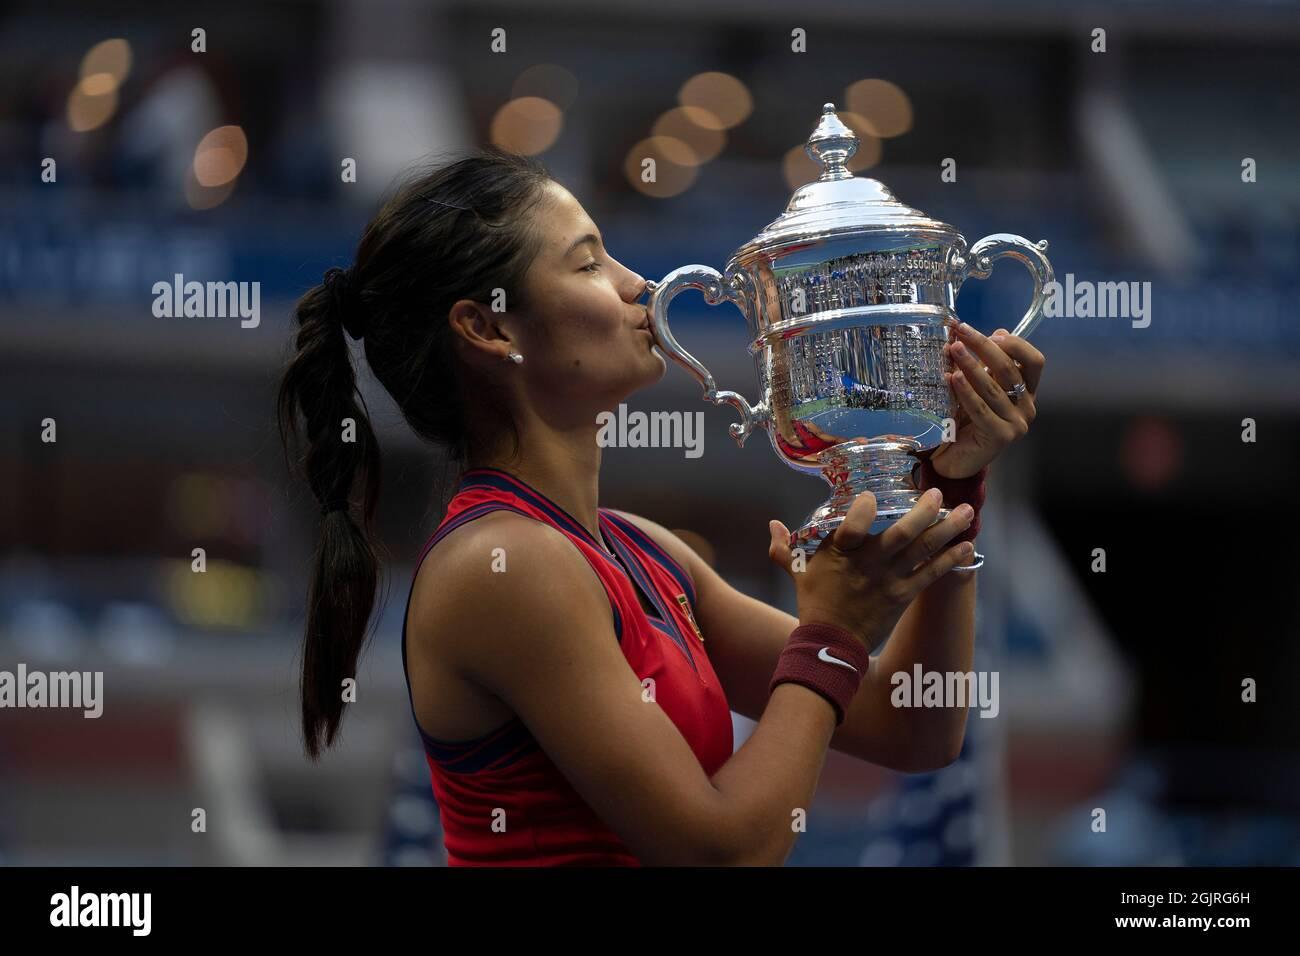 New York, États-Unis, 11 septembre 2021 Emma Raducanu (GBR) célèbre la victoire de la finale féminine contre Leylah Fernandez (CAN) et pose avec le trophée le jour 13 à l'Open Credit de 2021 aux États-Unis: Susan Mullane crédit: Susan Mullane/Alay Live News Banque D'Images